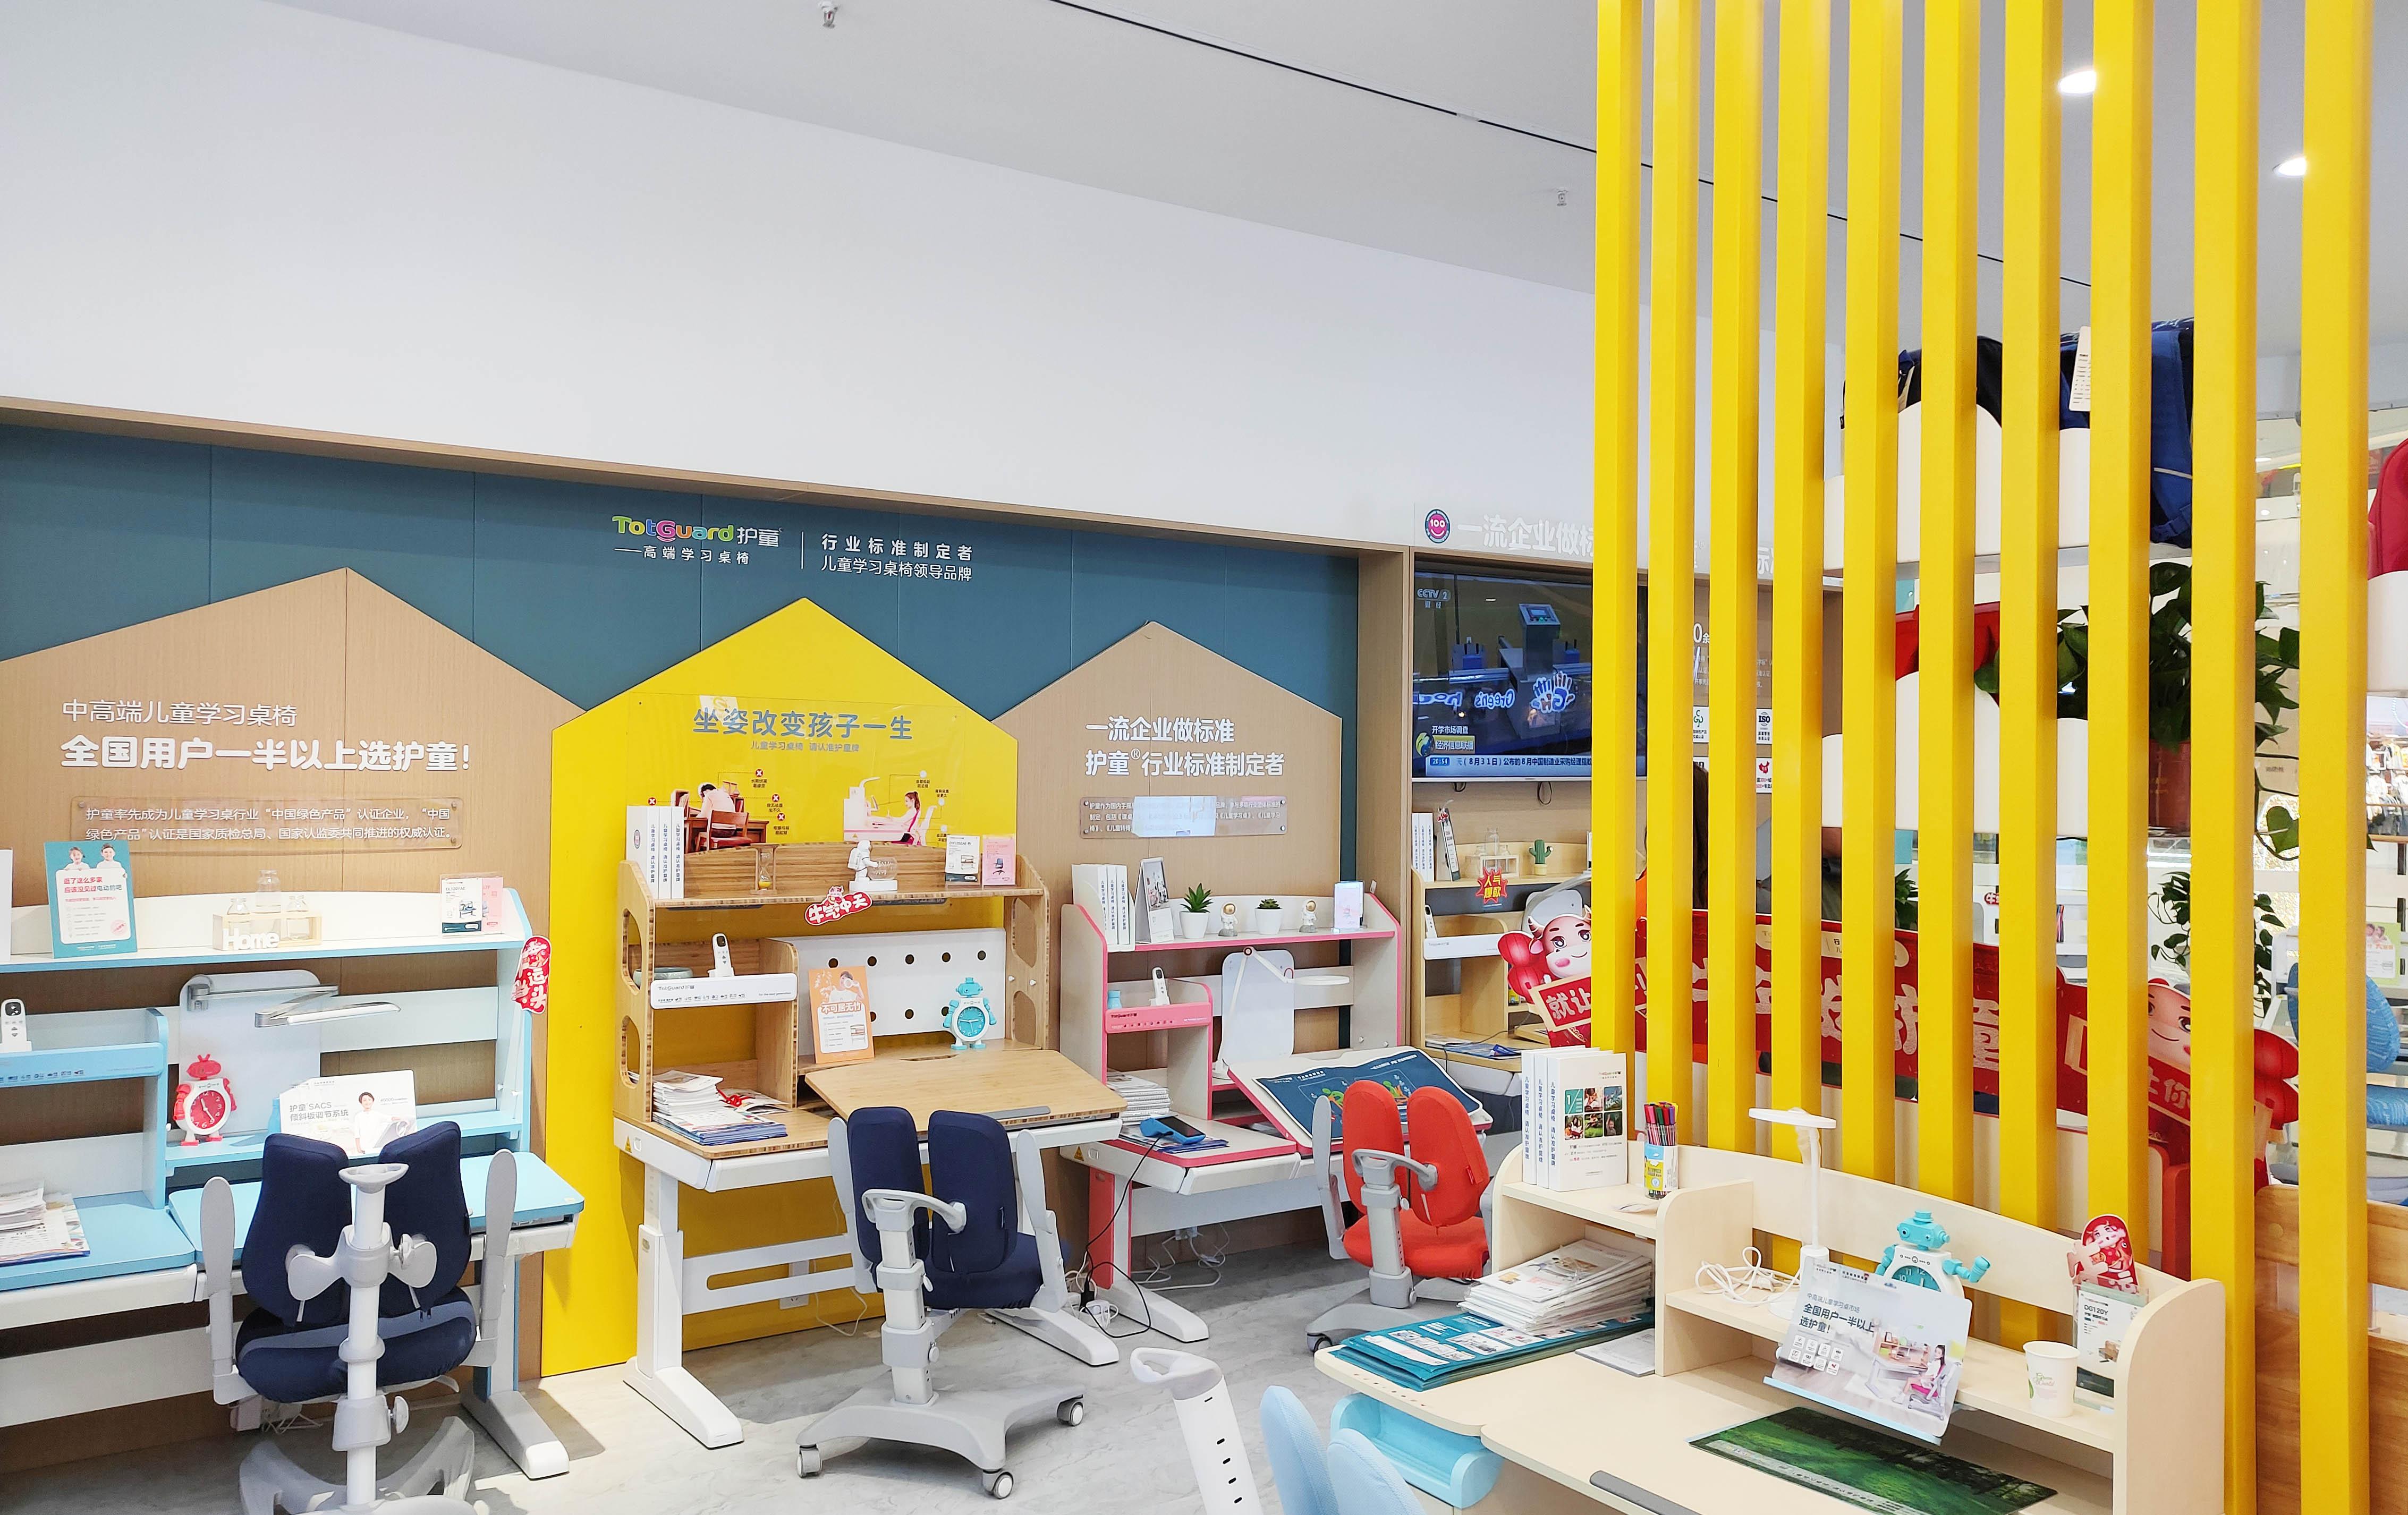 热烈祝贺护童第2139家盐城爱琴海购物中心护童专柜盛大开业!